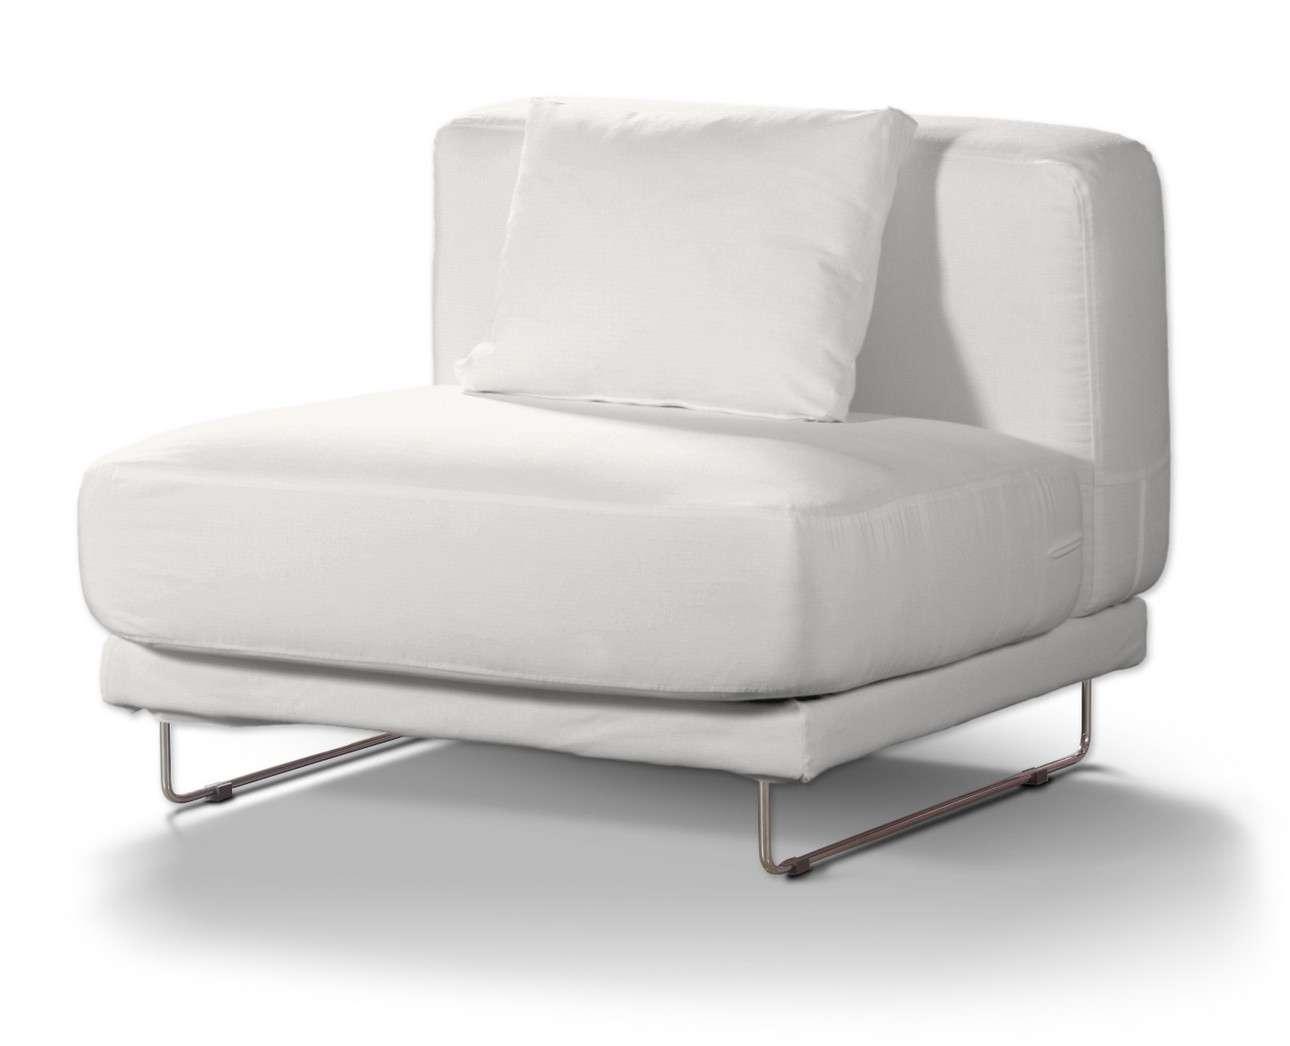 Tylösand vienvietės sofos/kėdės užvalkalas Tylösand vienvietė sofa/kėdė kolekcijoje Cotton Panama, audinys: 702-34